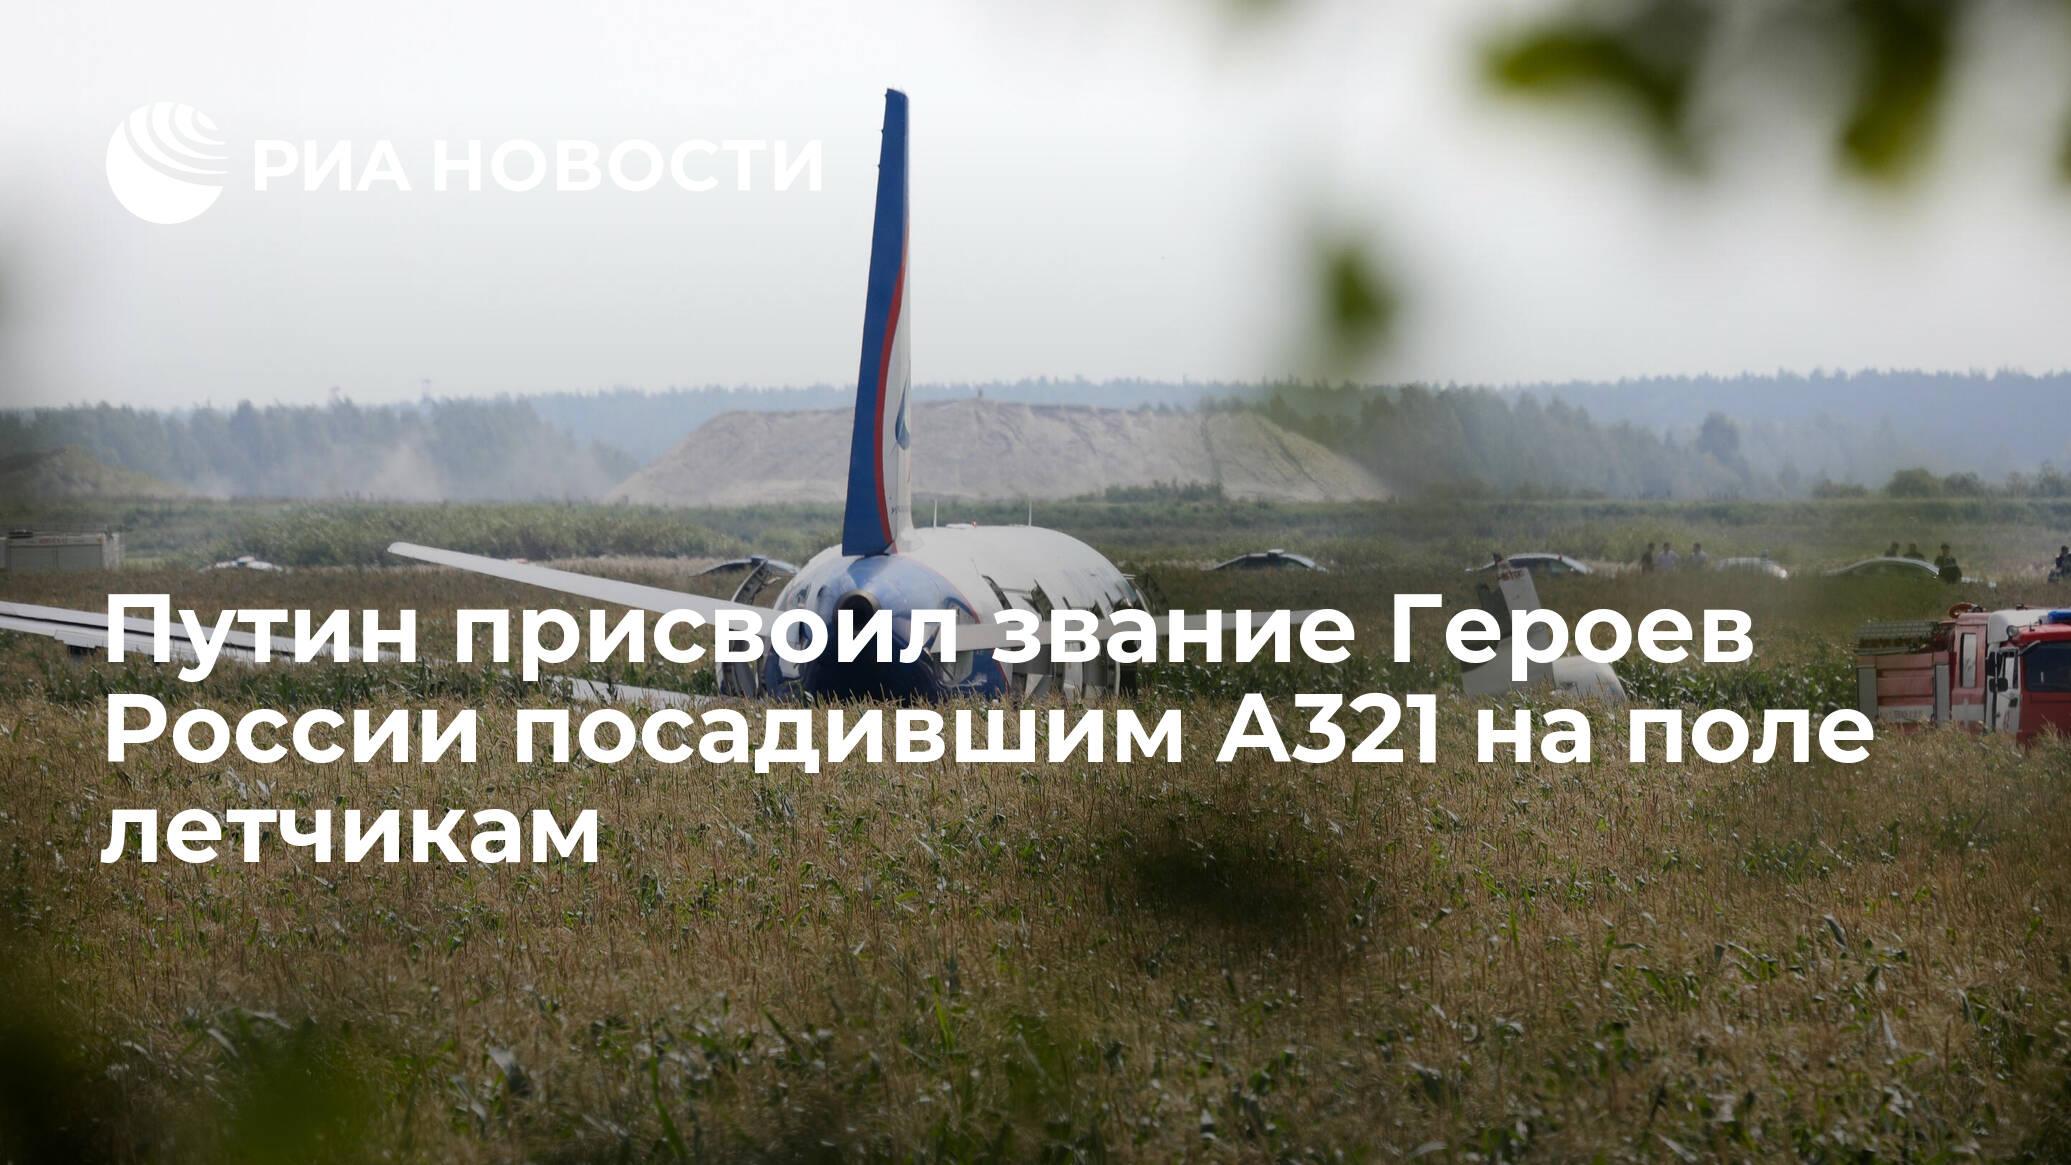 Путин присвоил звание Героев России посадившим А321 на поле летчикам